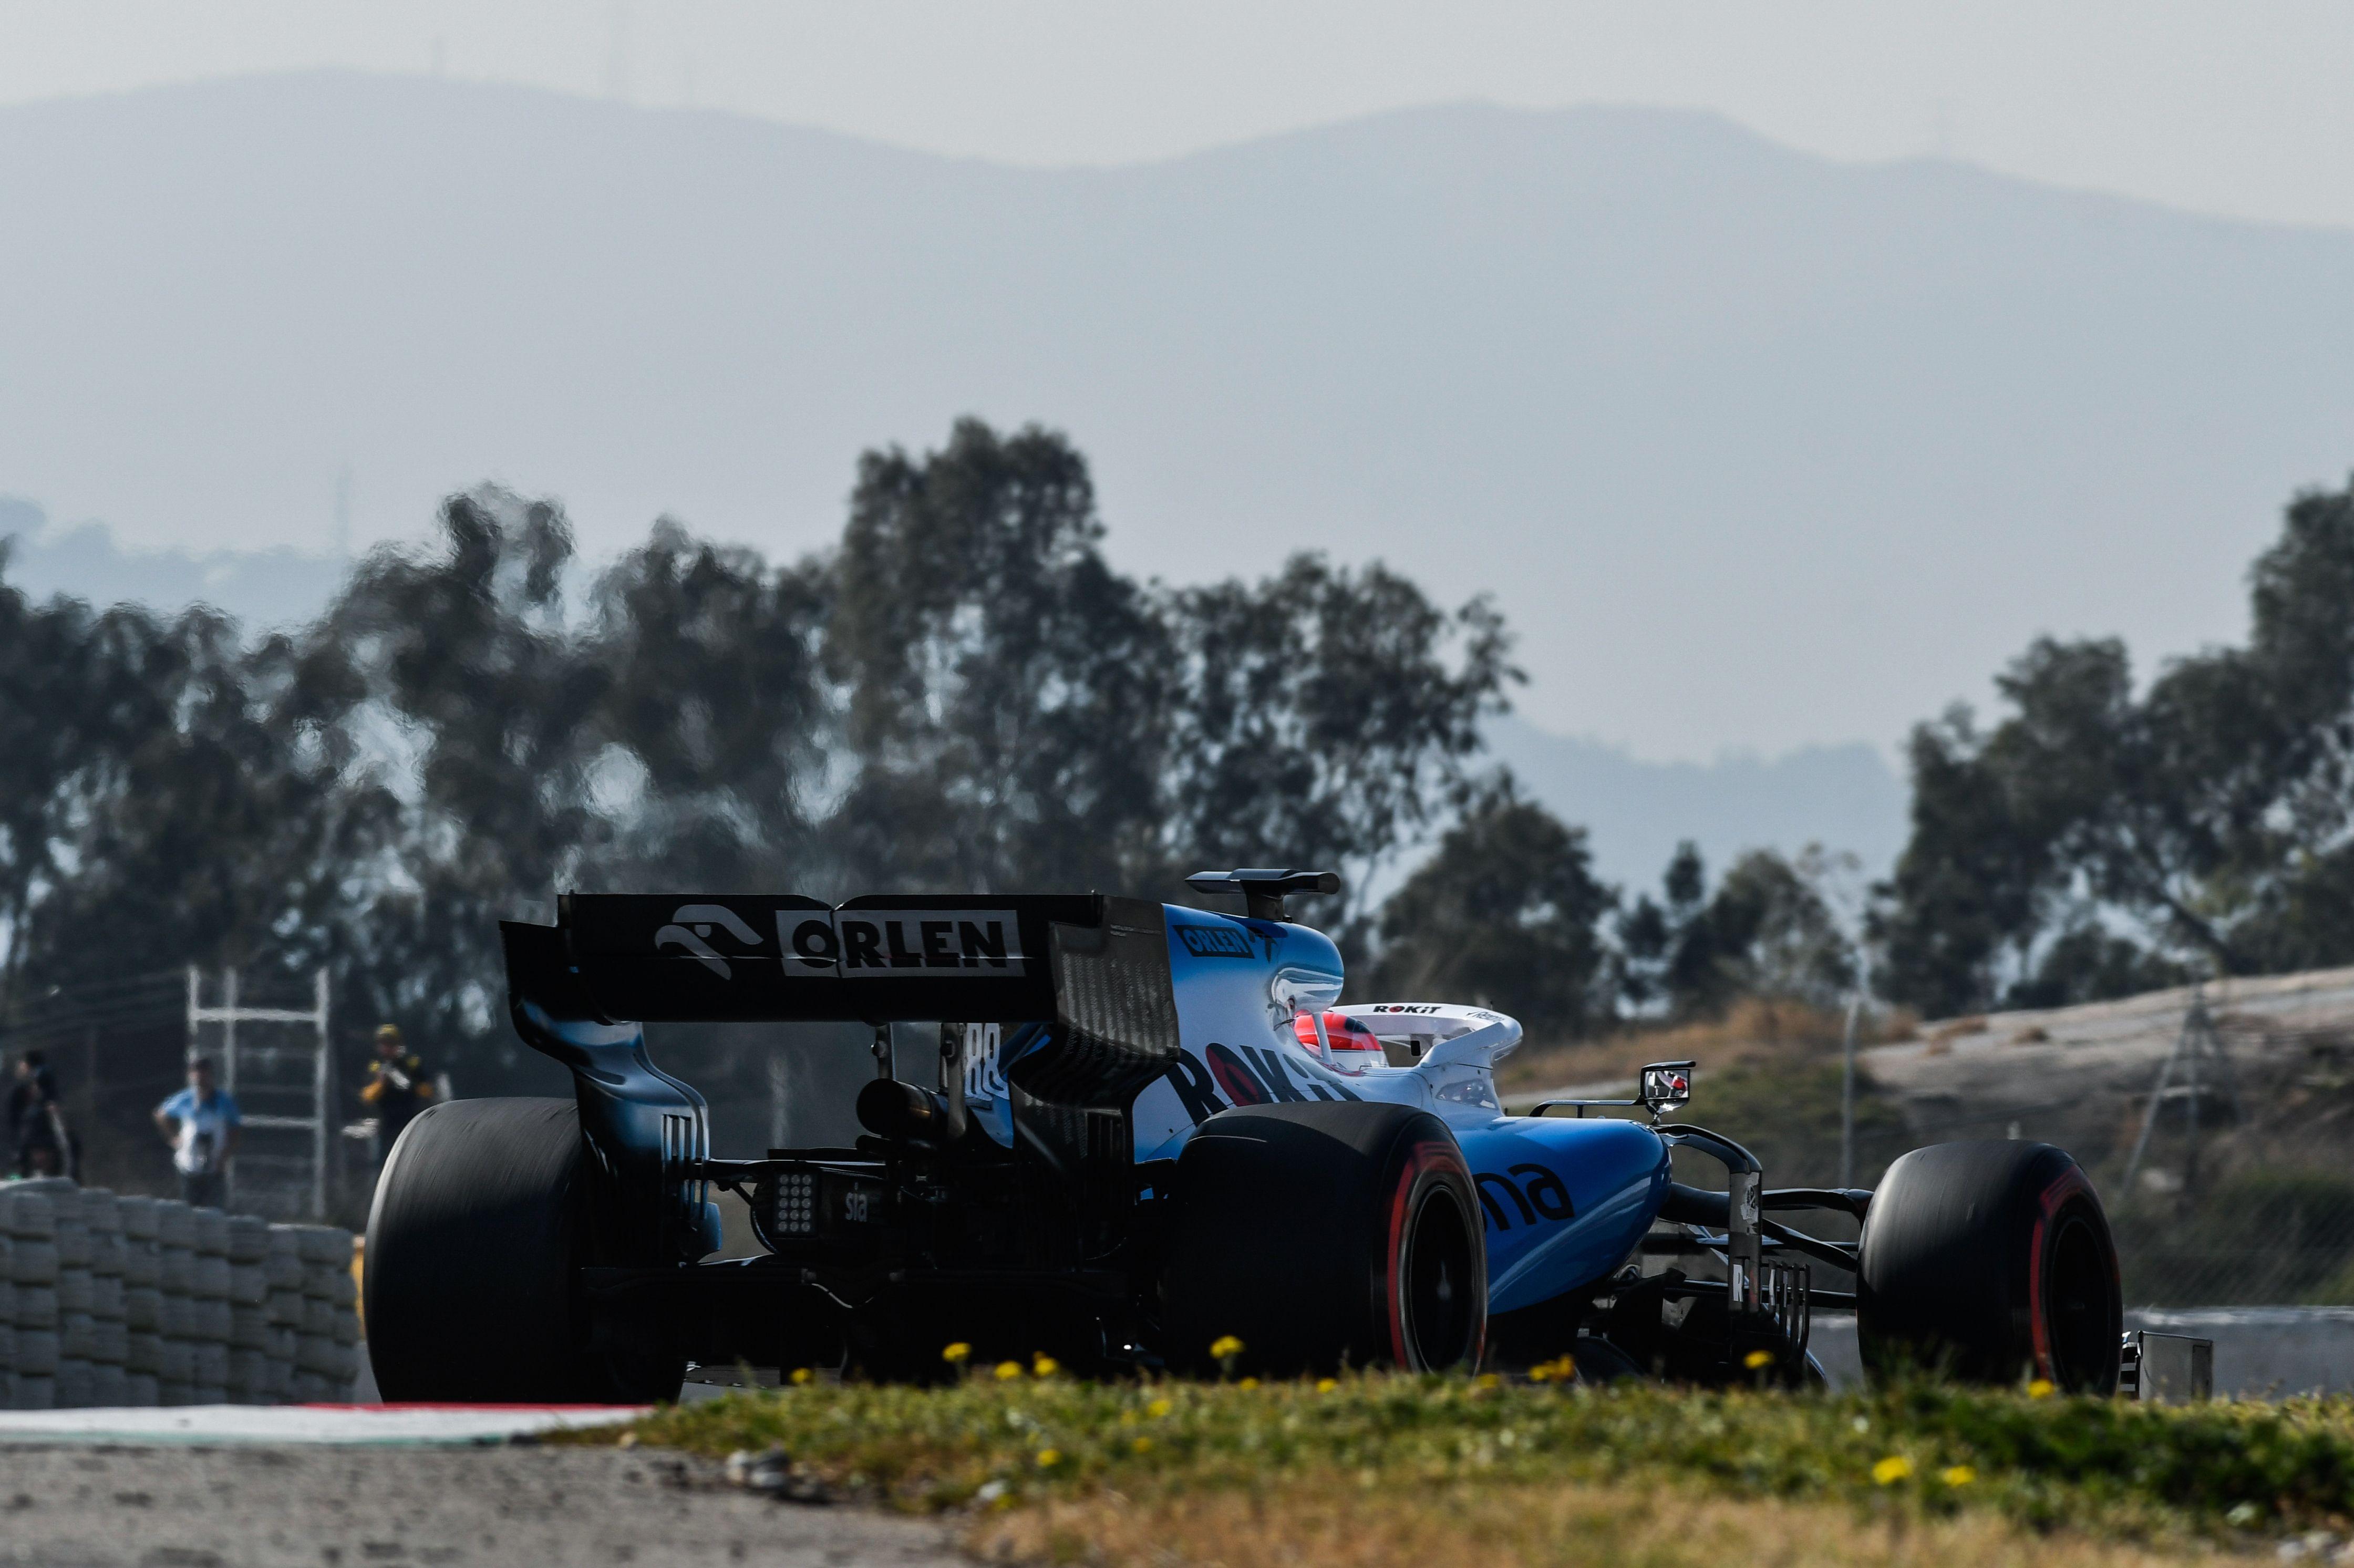 Robert Kubica wraca do ścigania się w Formule 1 po przeszło ośmiu latach przerwy (fot. Kristin Greenwood/Shutterstock.com)